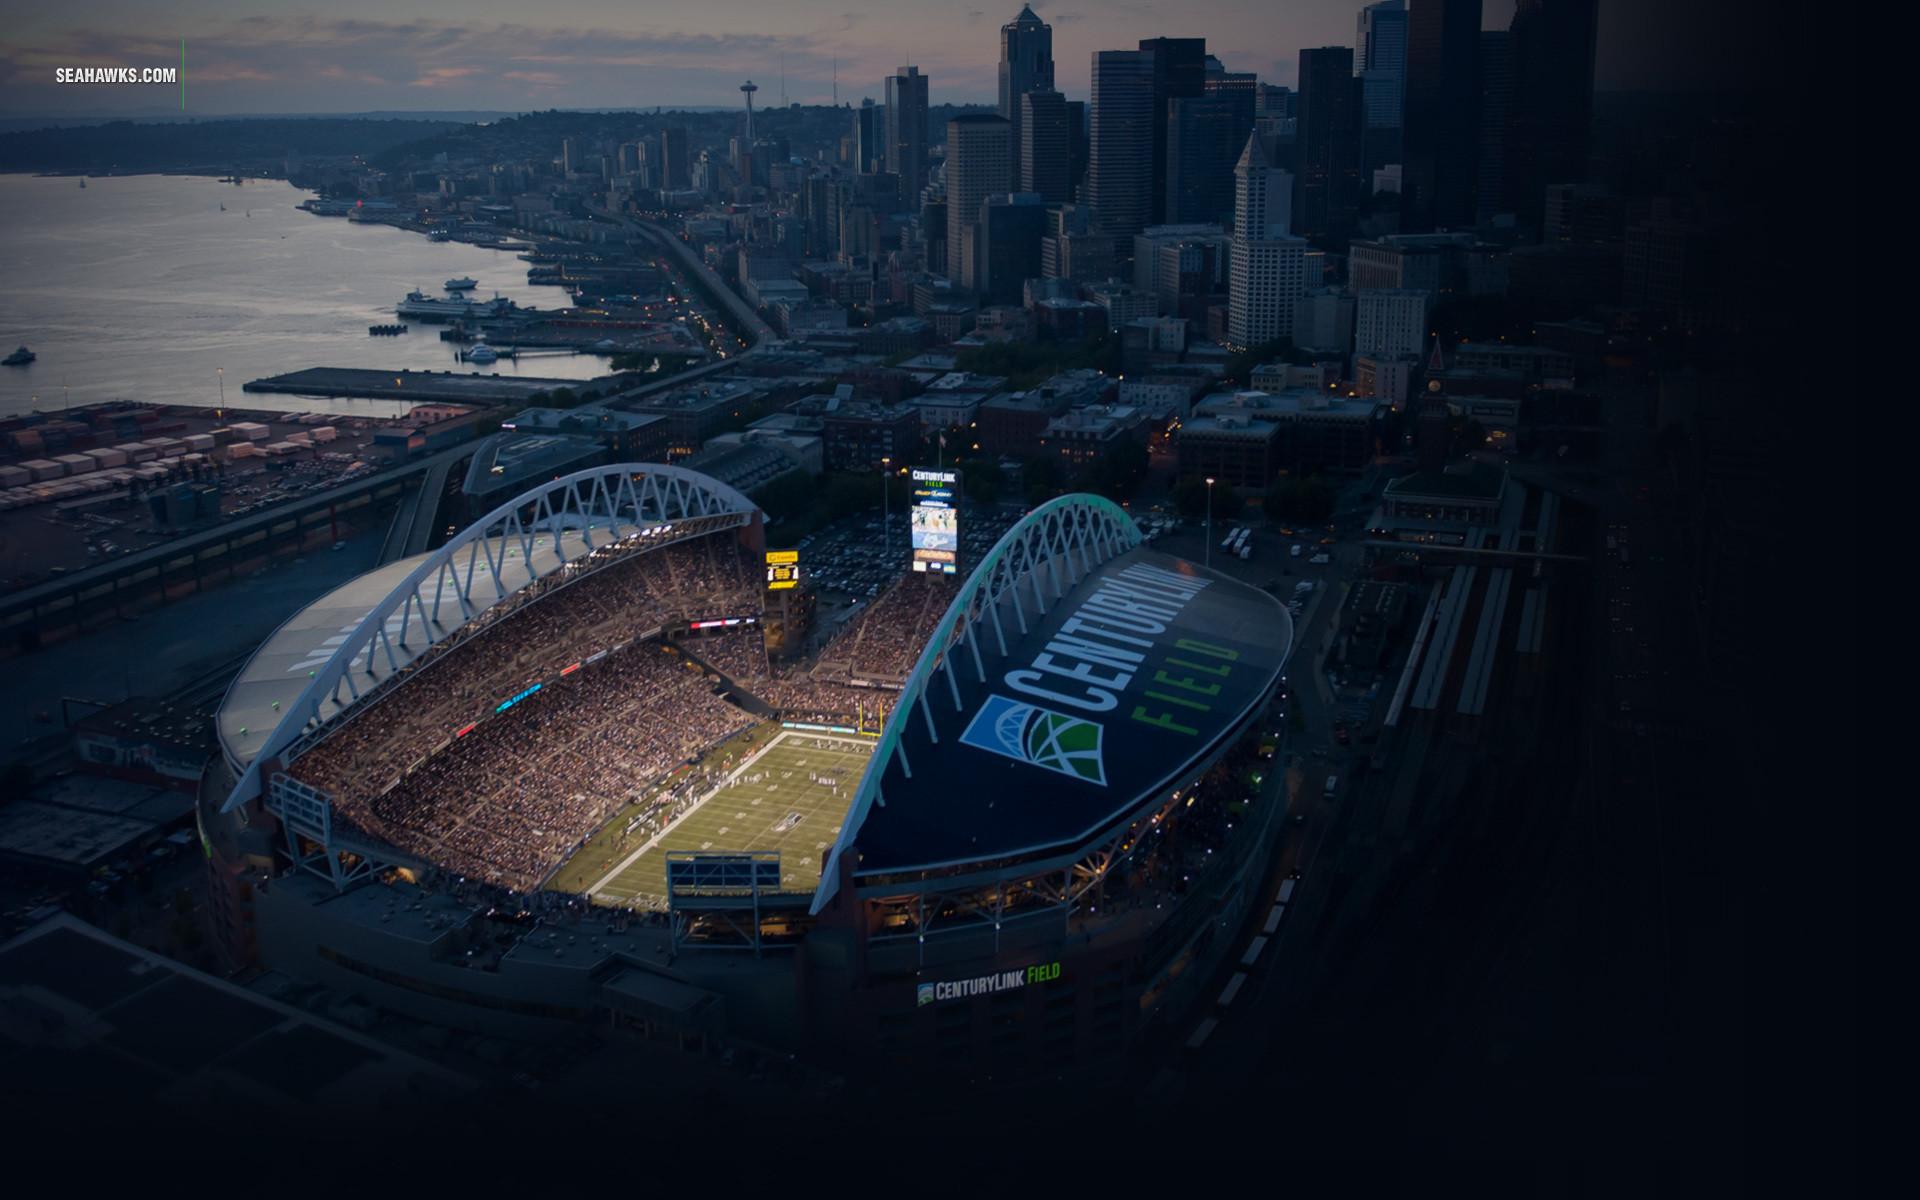 Seattle Seahawks Stadium HD Desktop Wallpaper   HD Desktop Wallpaper